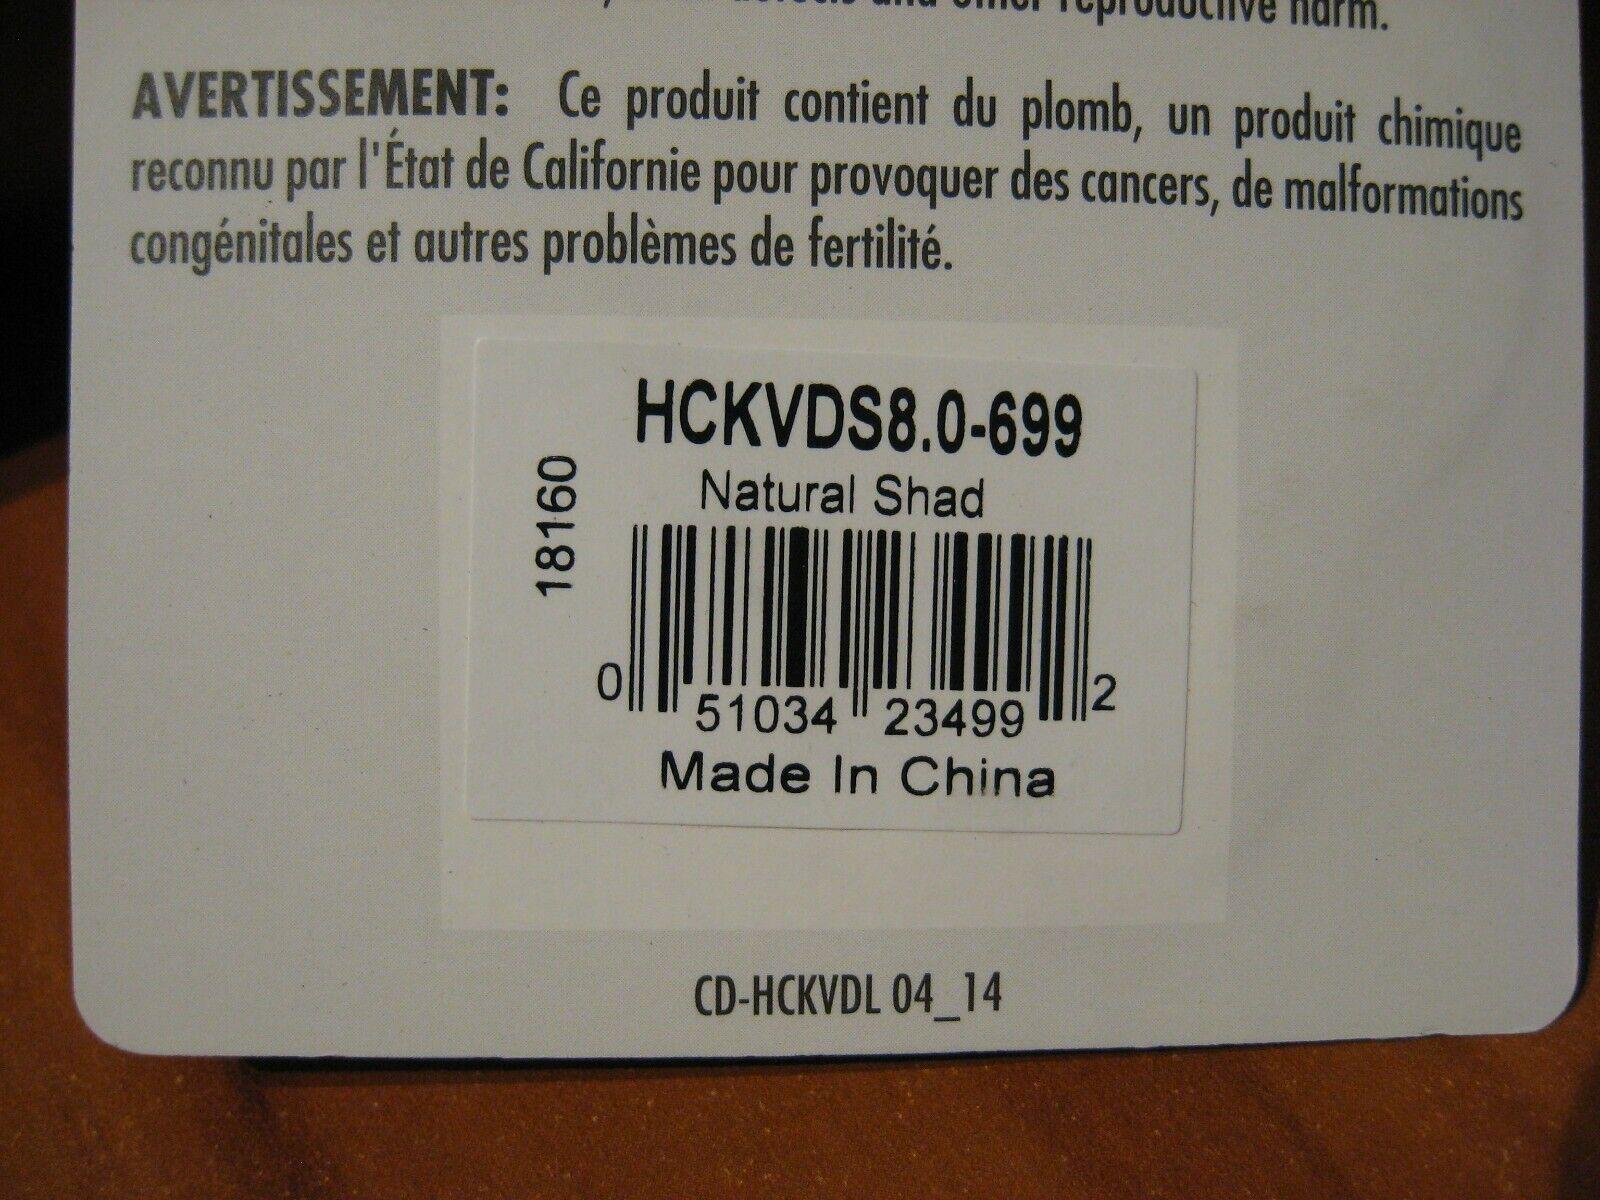 Strike King Crankbait squarebill Magnum hckvds 8.0-699 Natural Shad Lure